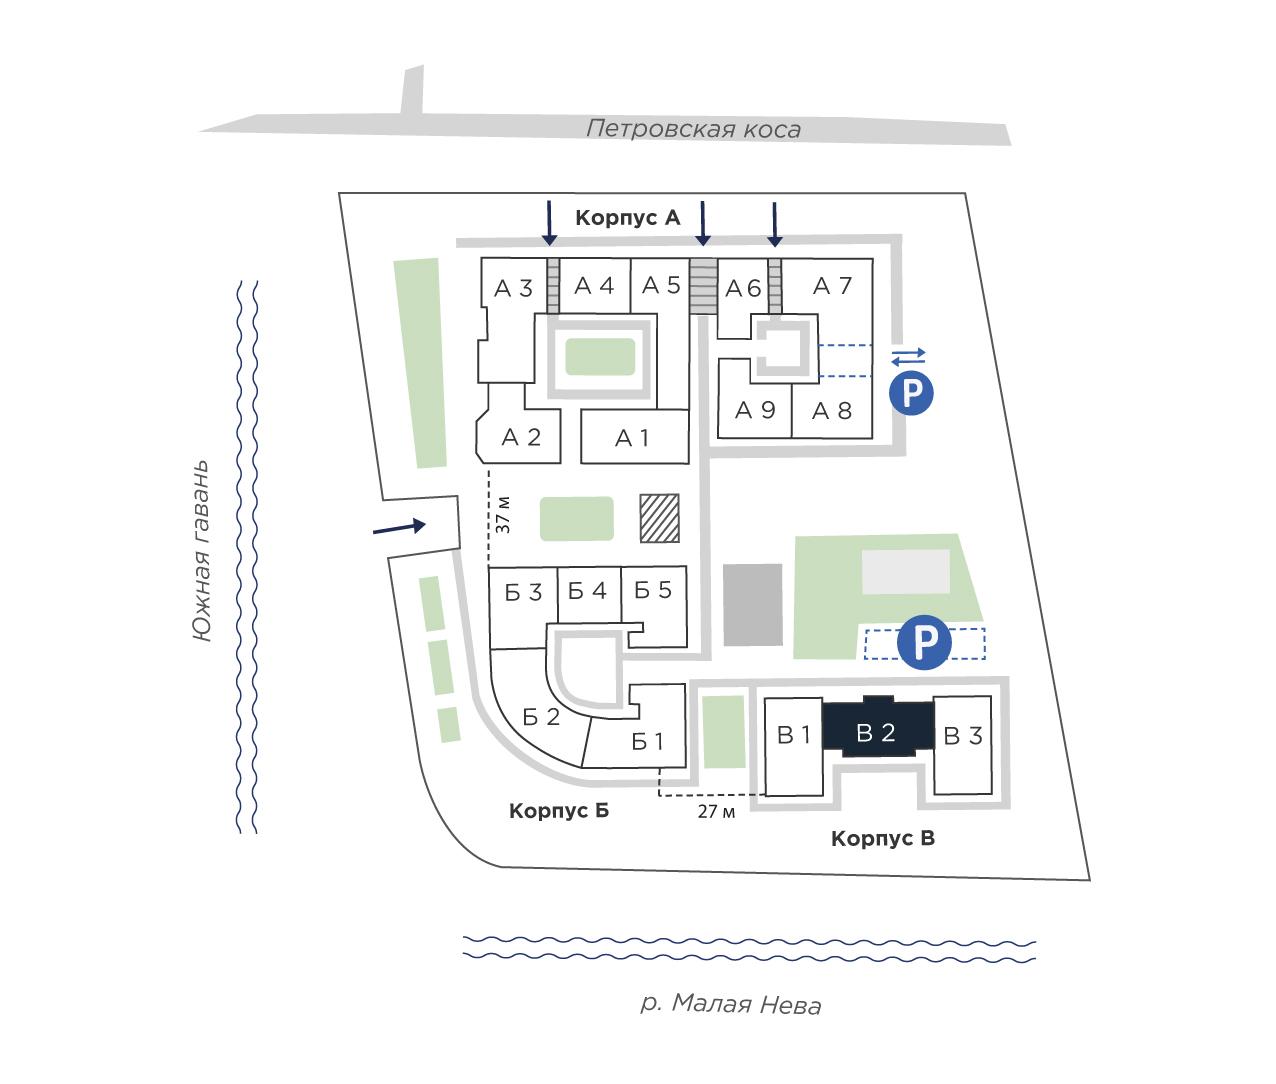 планировка многокомнатной квартиры в ЖК «Петровская Доминанта» №348